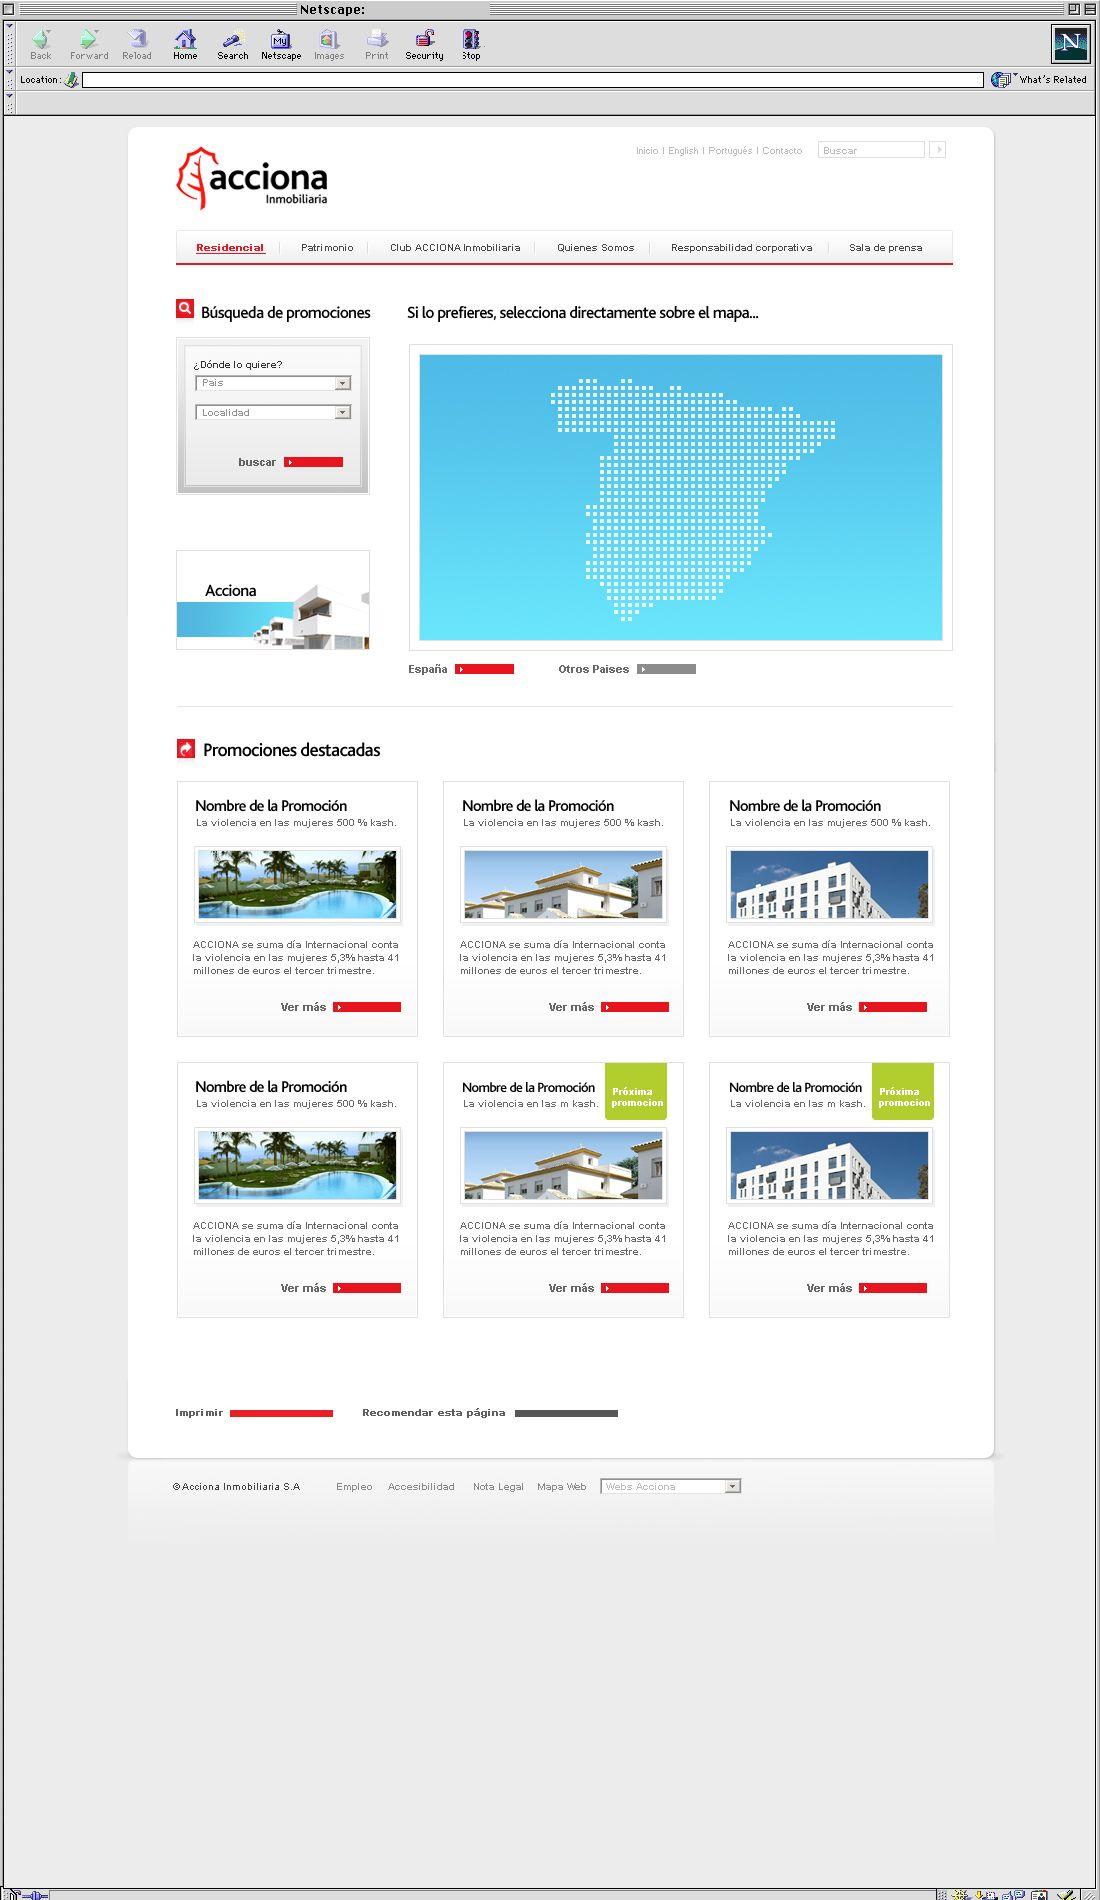 ACCIONA Inmobiliaria - Acciona